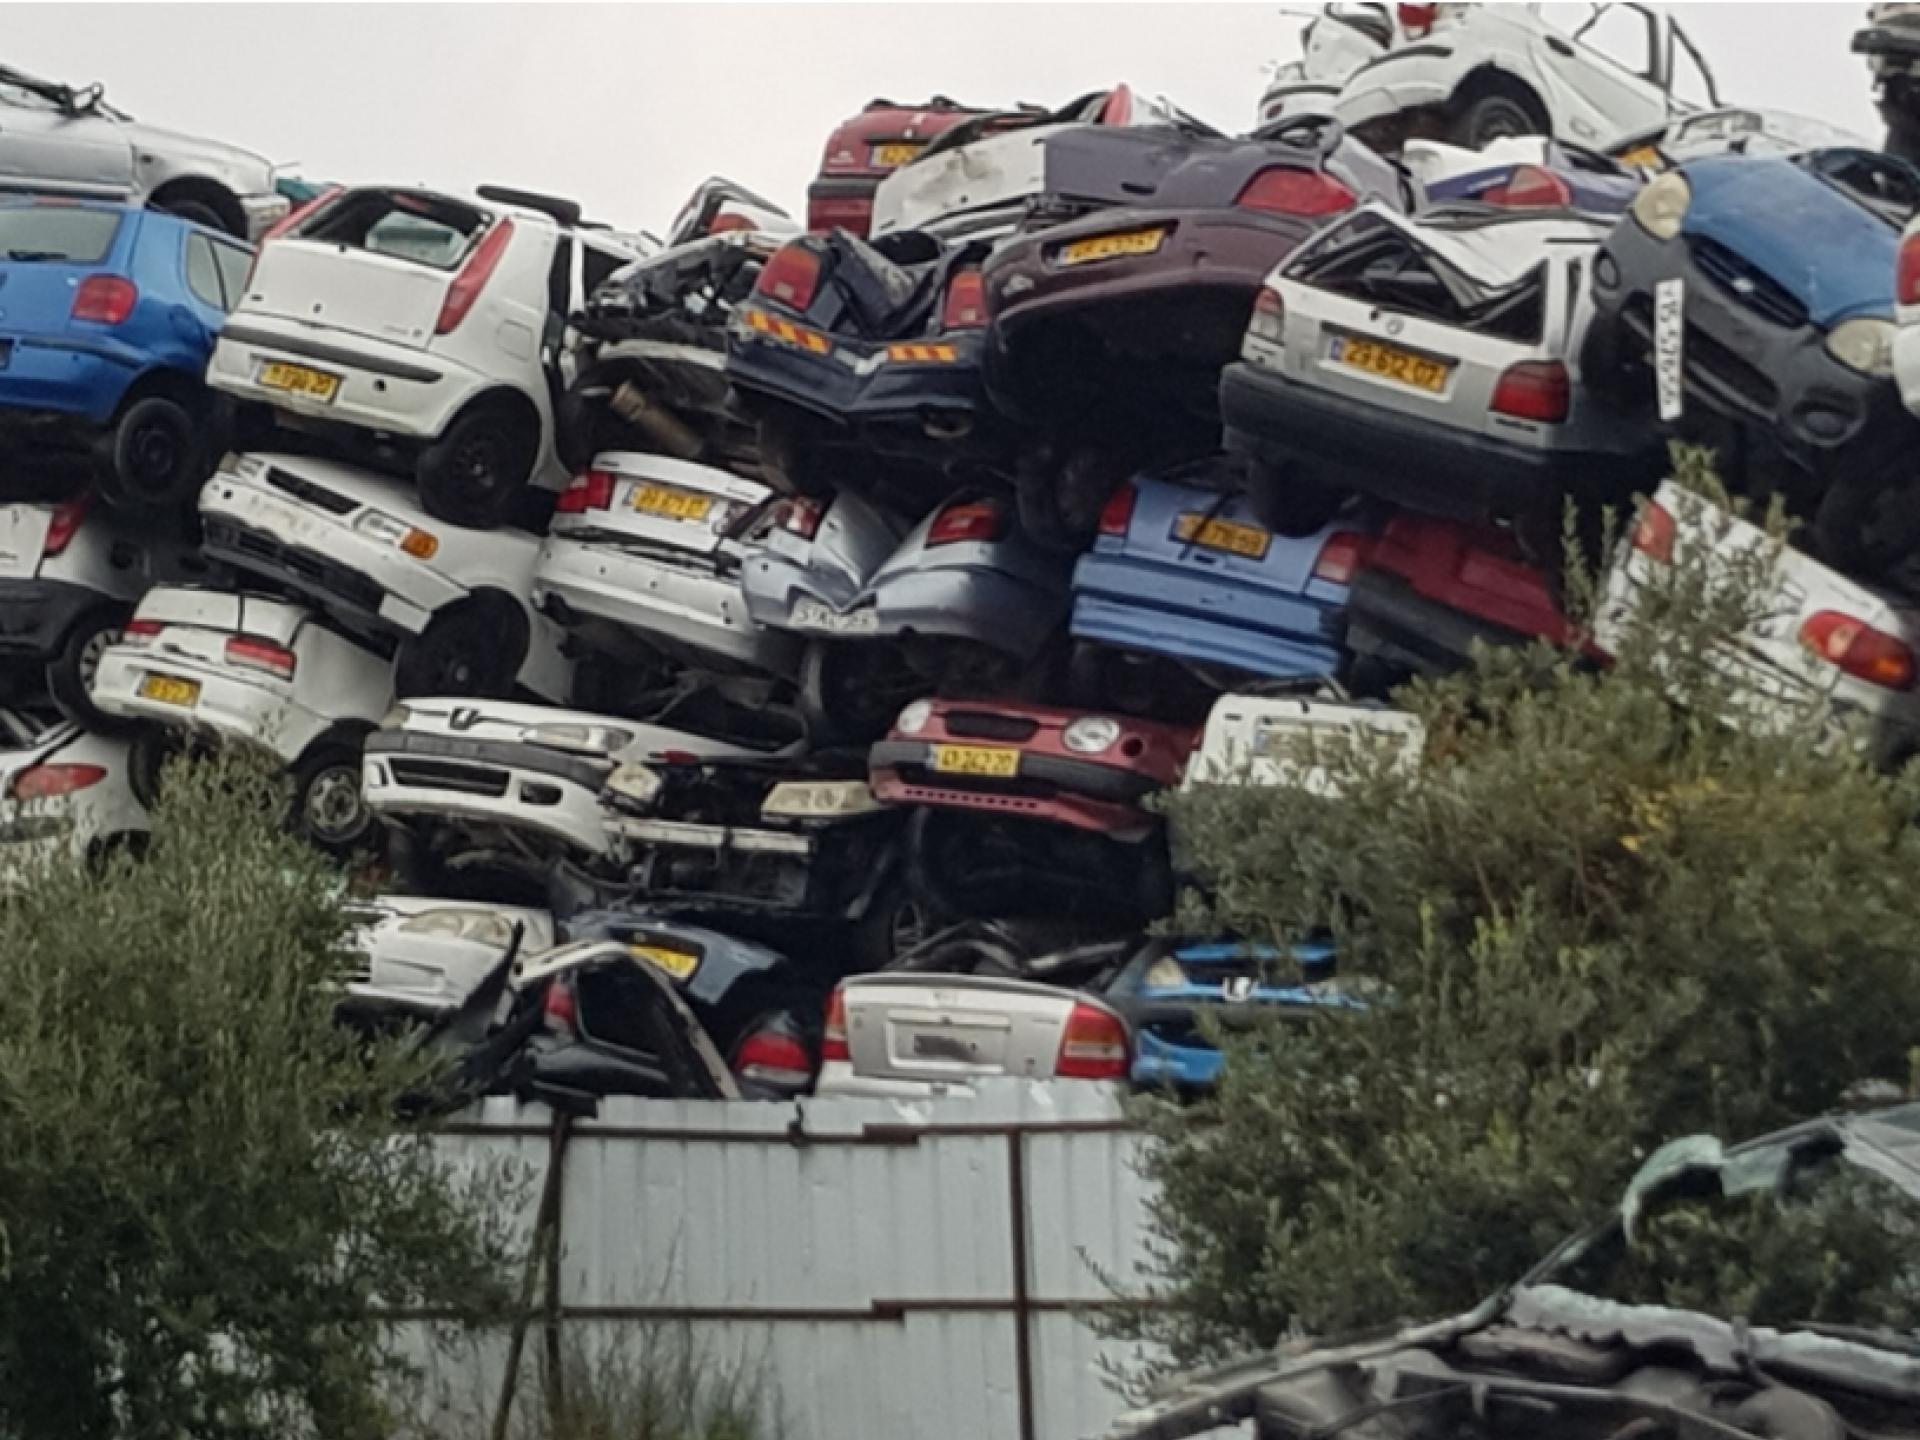 ערמות של מכוניות הרוסות עם רישוי ישראלי.